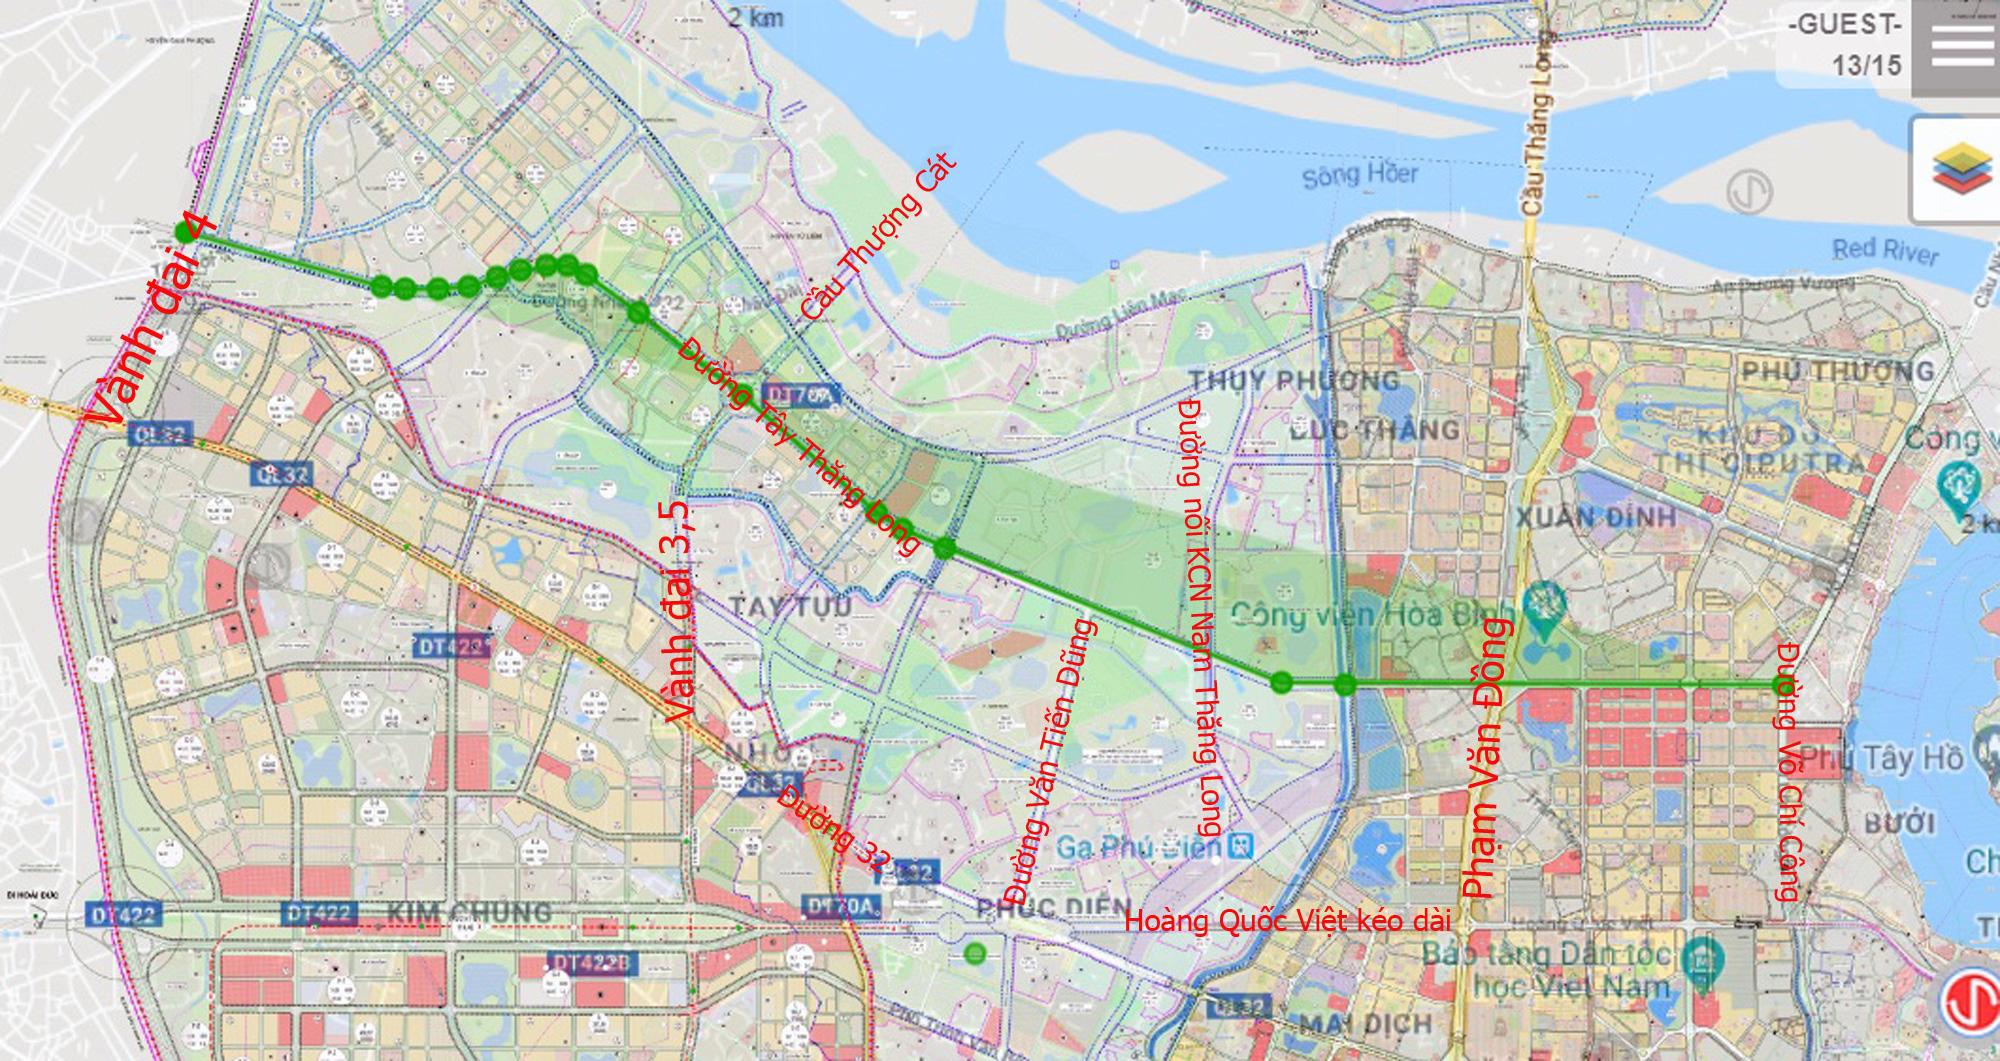 Những dự án 'đón' qui hoạch đường hướng tâm Tây Thăng Long từ Vành đai 4 đến hồ Tây - Ảnh 2.